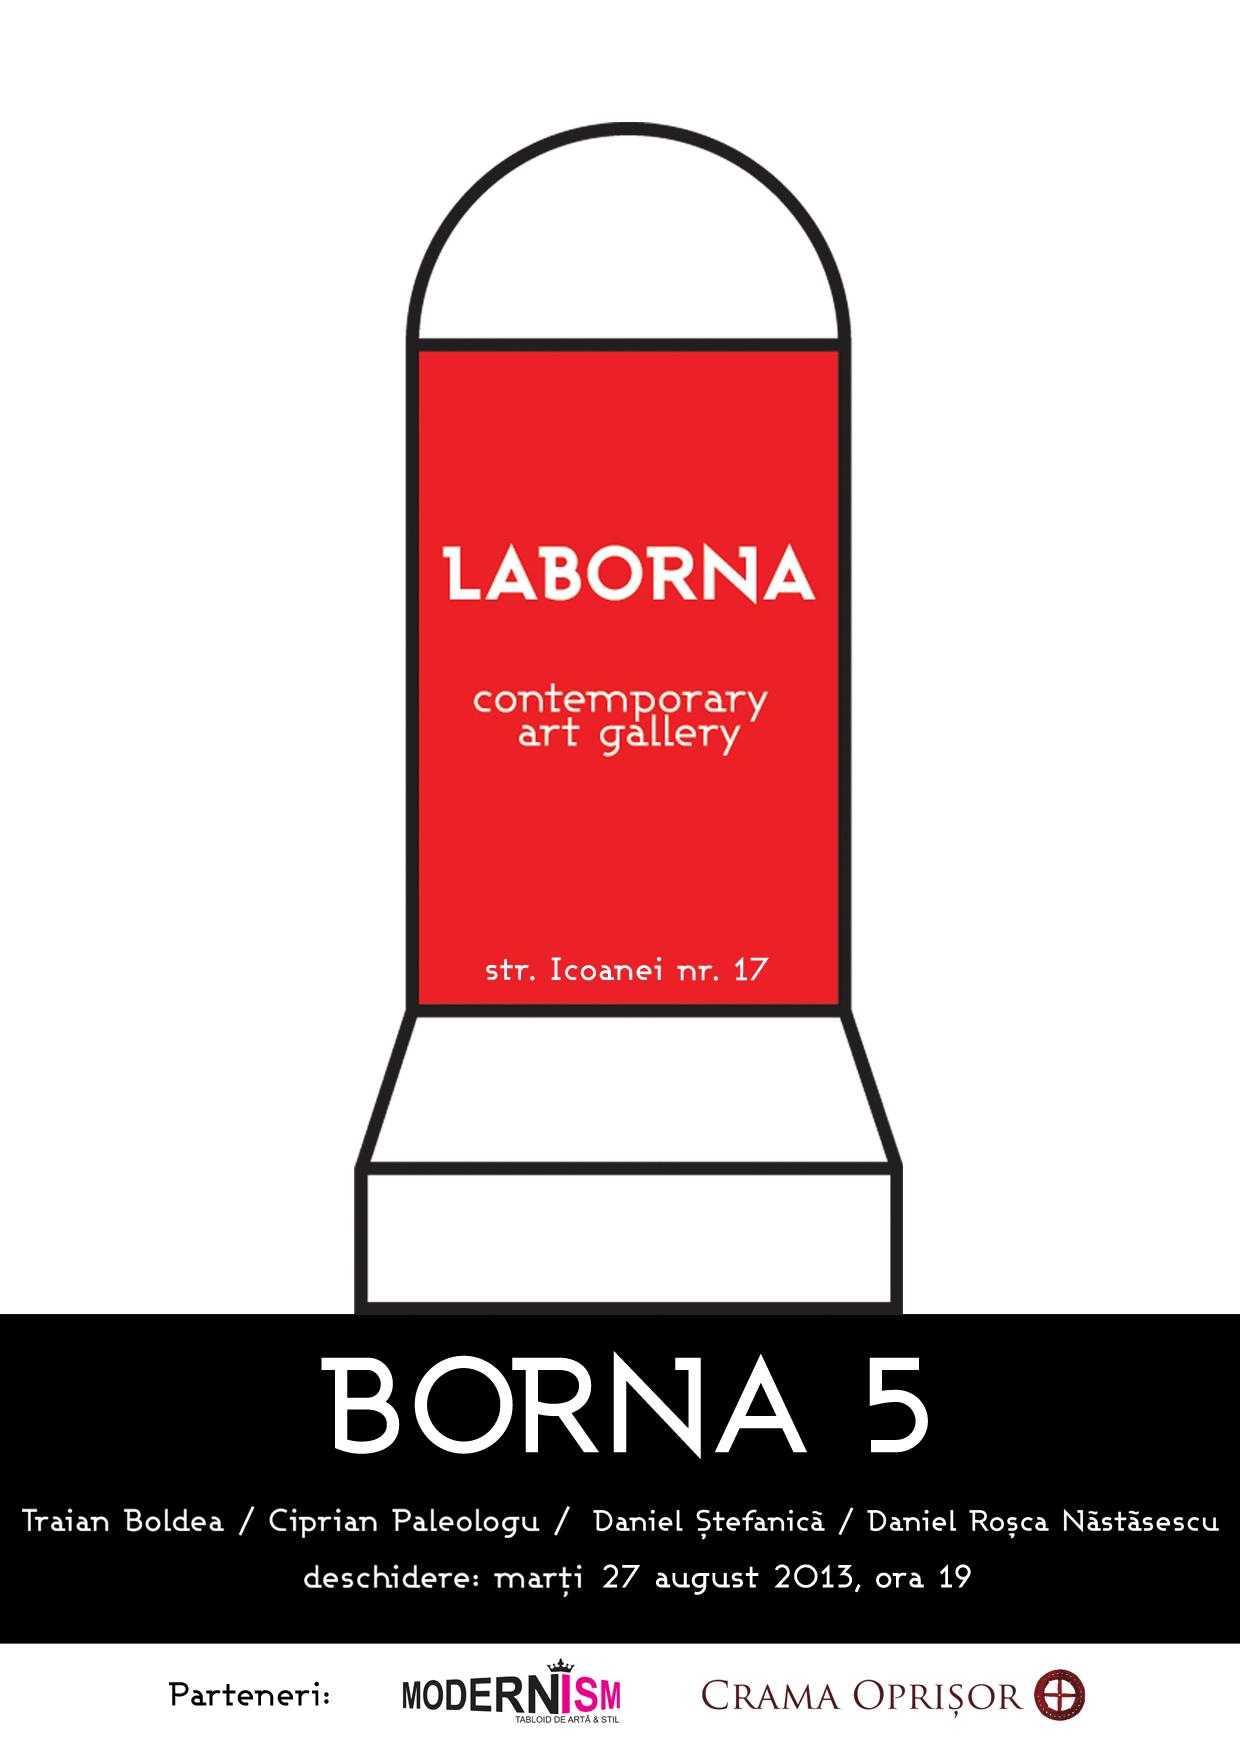 BORNA5